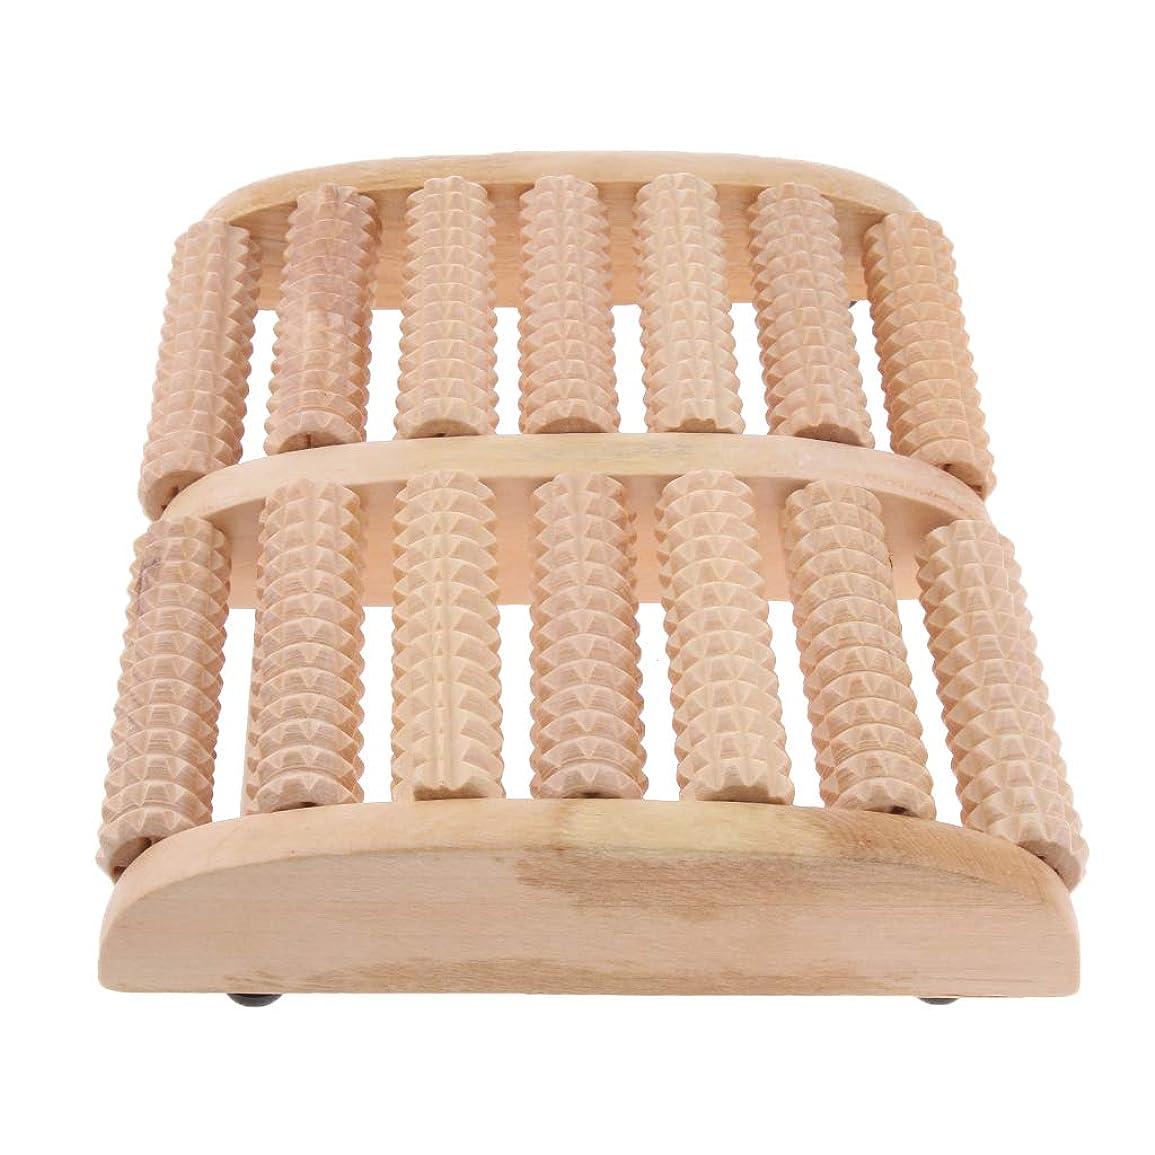 繕う針放射性IPOTCH マッサージローラー 7行 自然木製 足踏み フットマッサージ ツボ押し 痛み緩和 健康器具 高品質